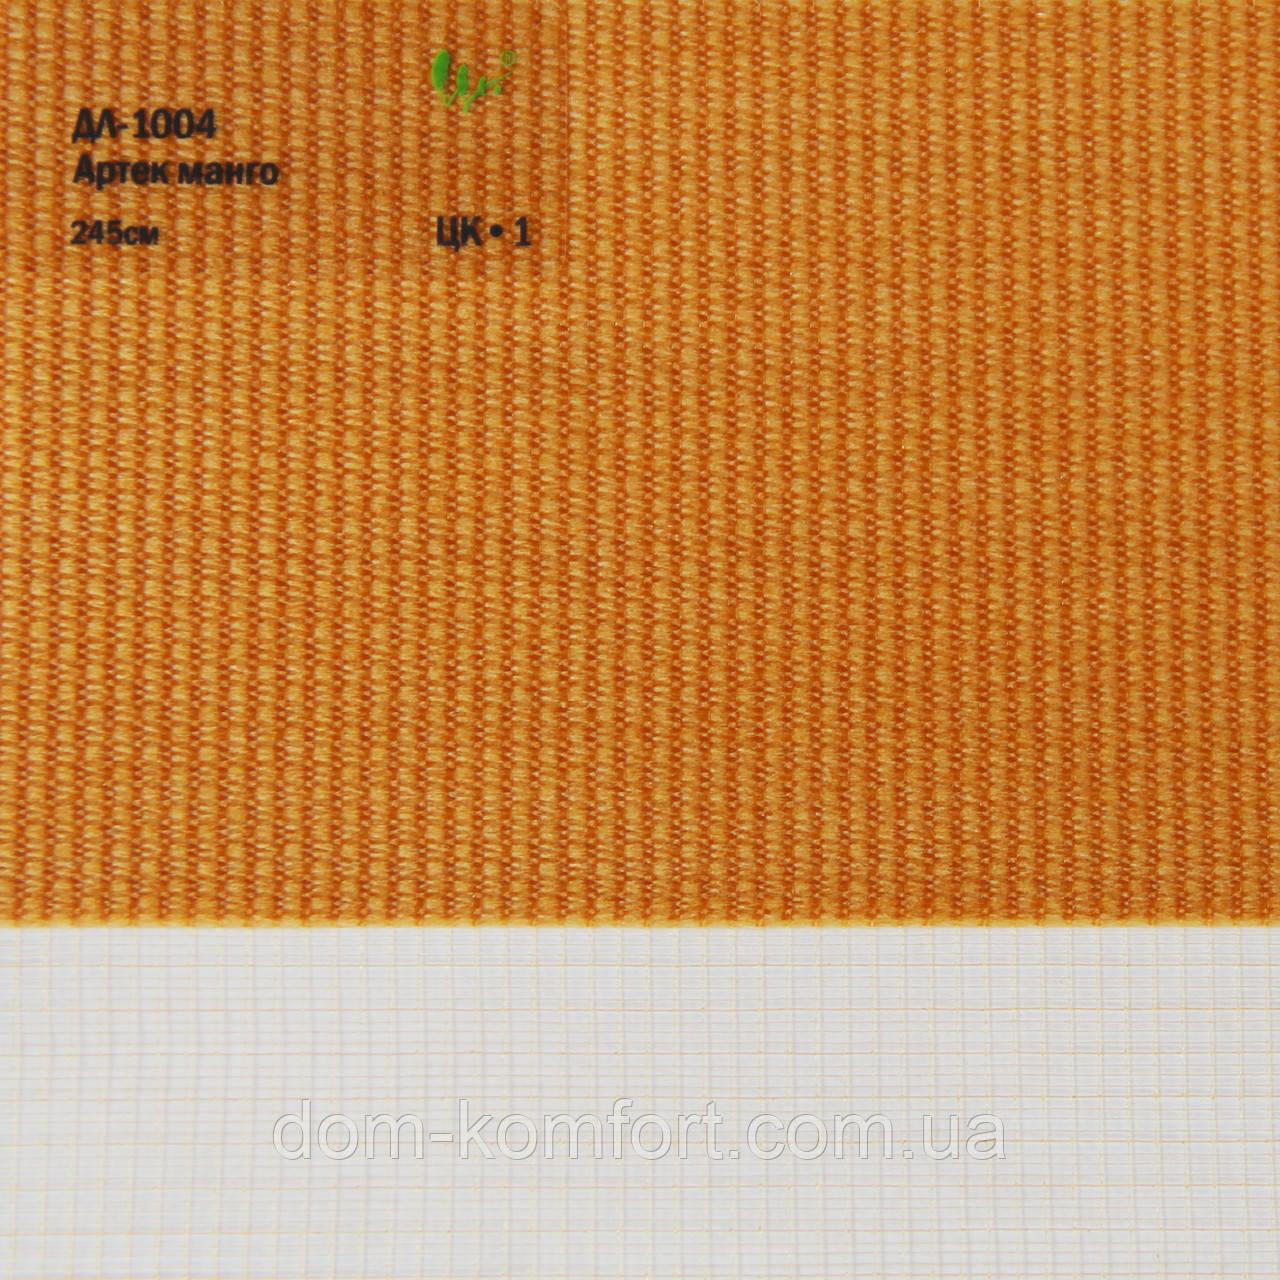 Рулонные шторы День-ночь ткань Артек Манго